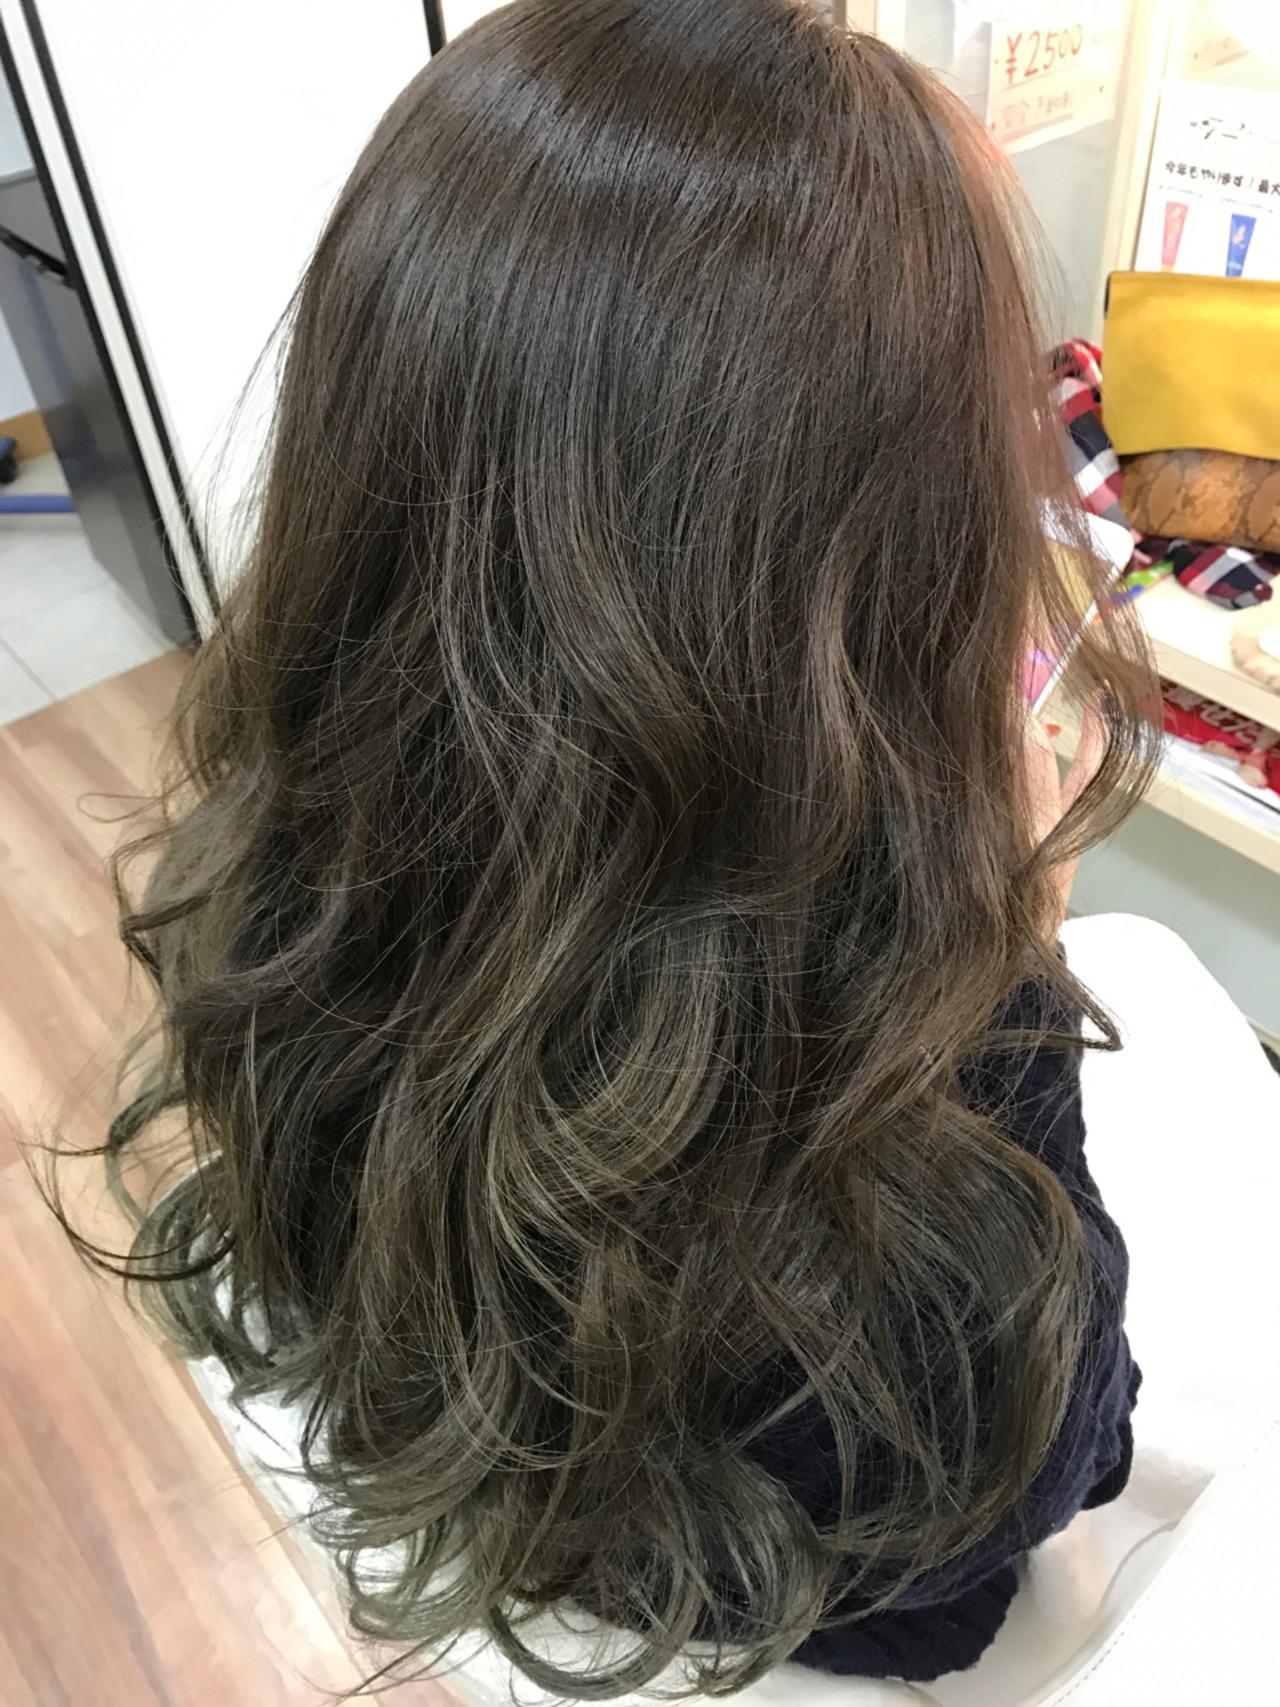 グレージュ 外国人風カラー ガーリー ロング ヘアスタイルや髪型の写真・画像